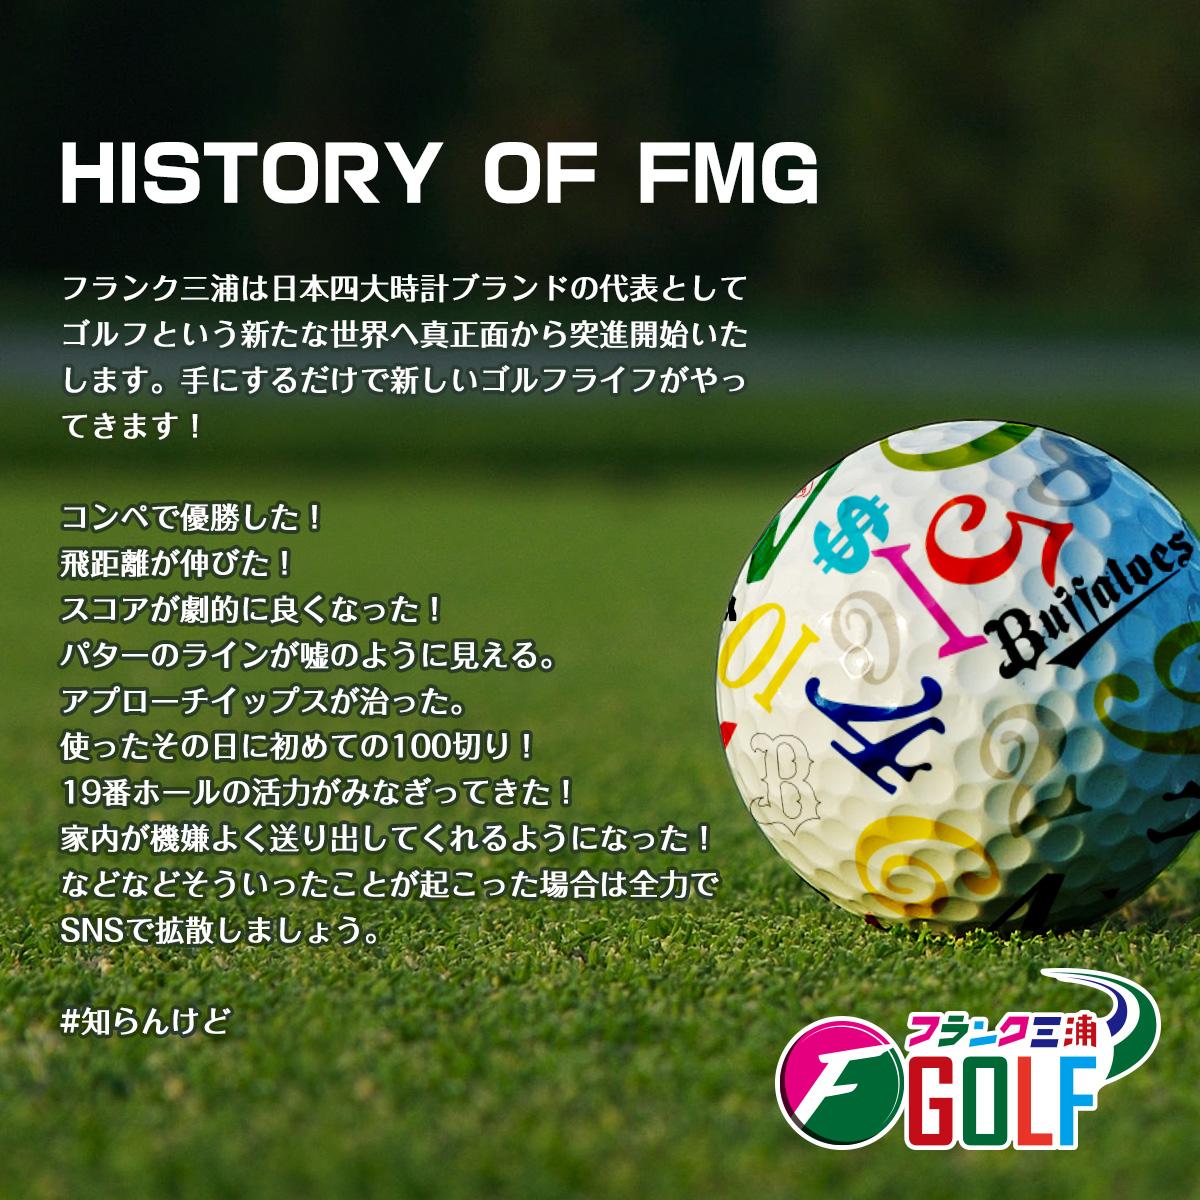 【即日発送】フランク三浦 ゴルフ ビッグトートバック